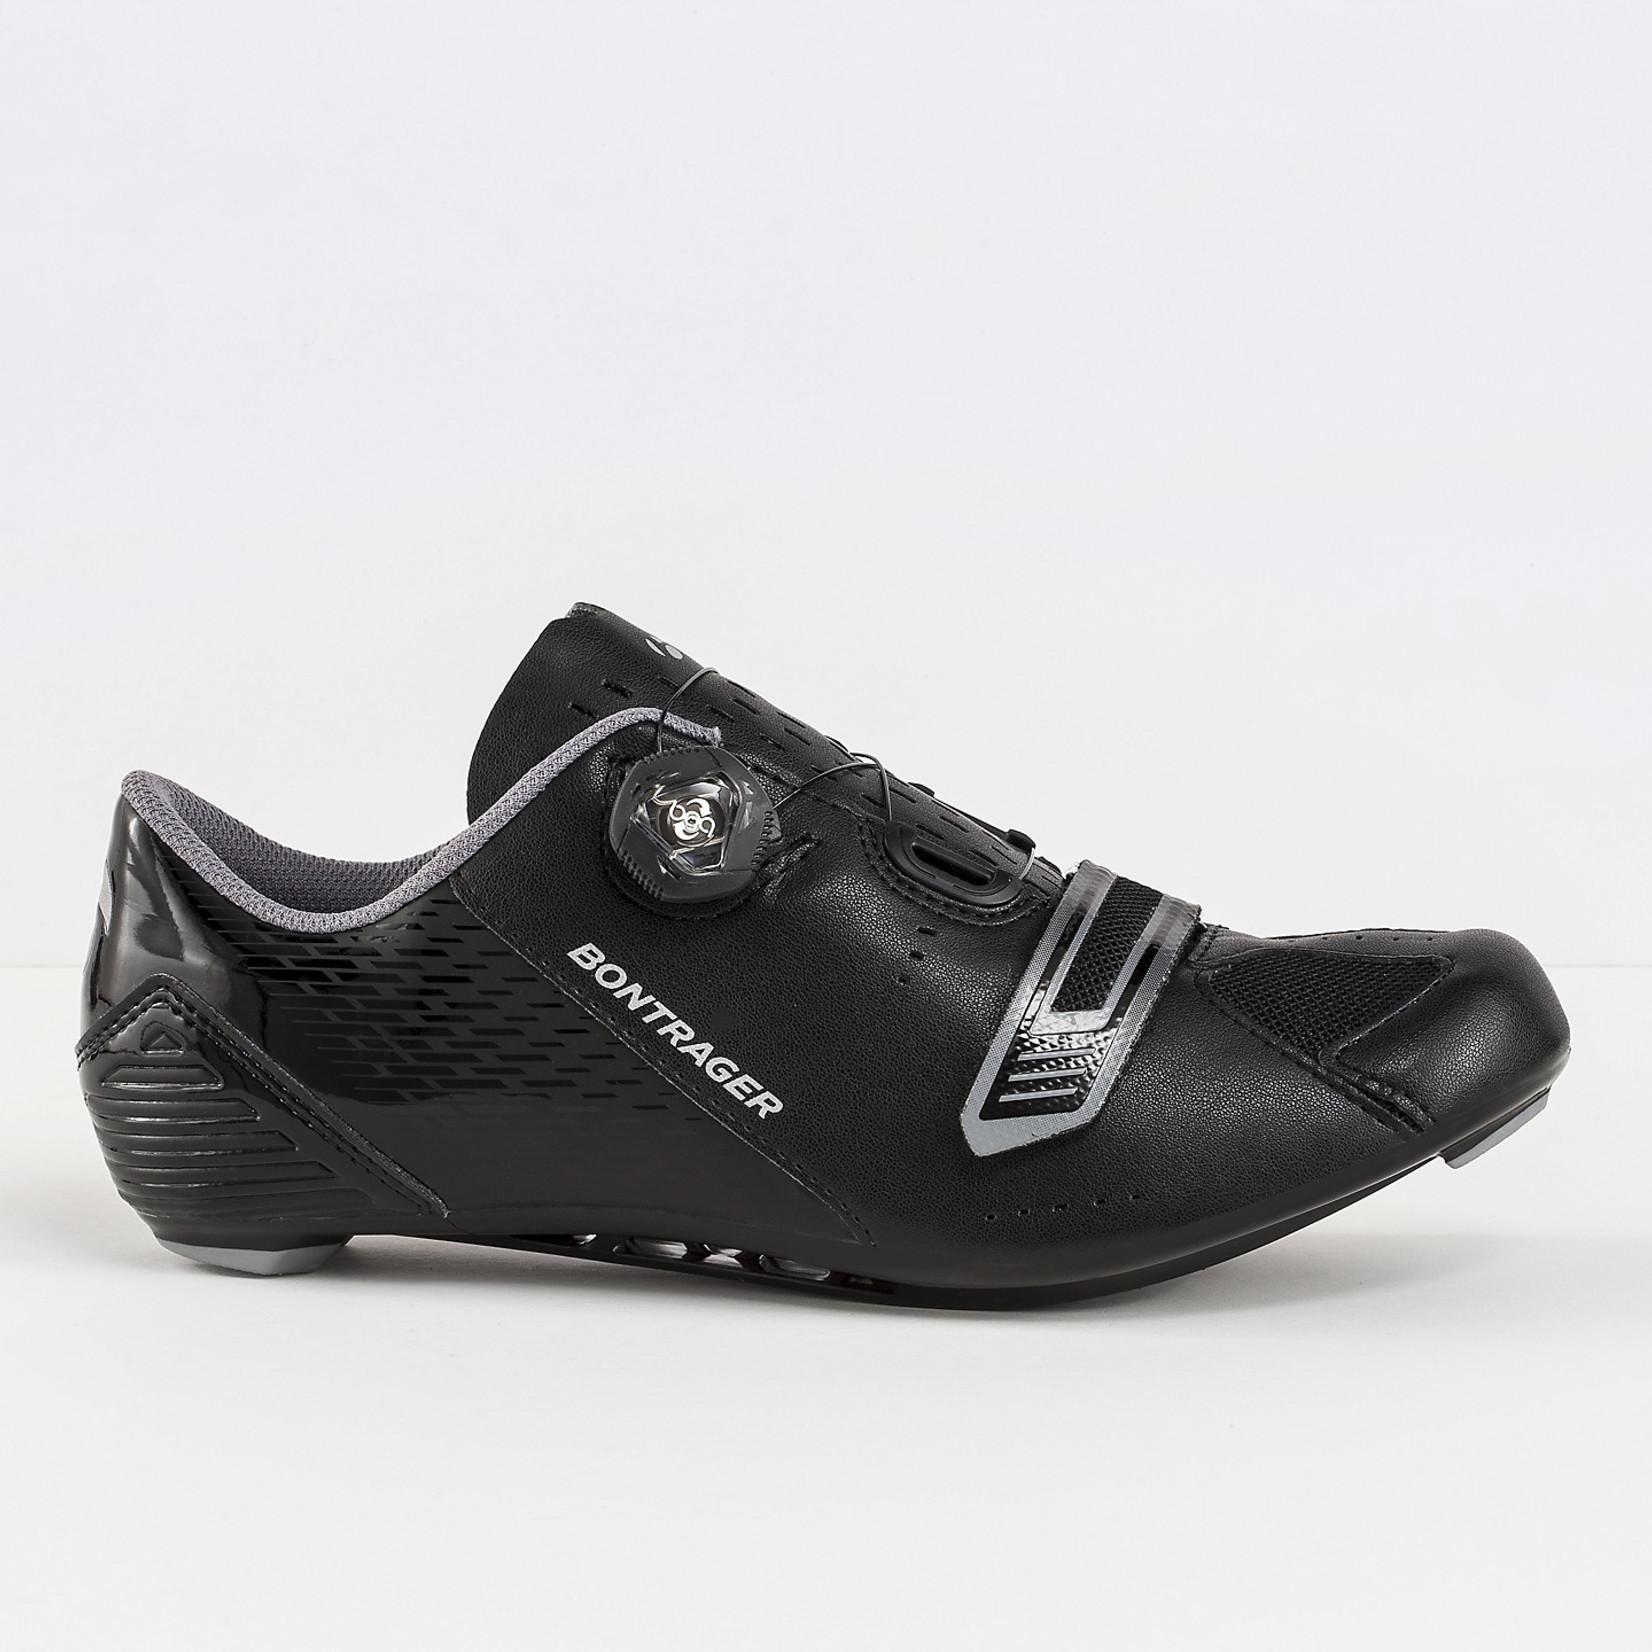 Bontrager Specter Road Shoe Black 46